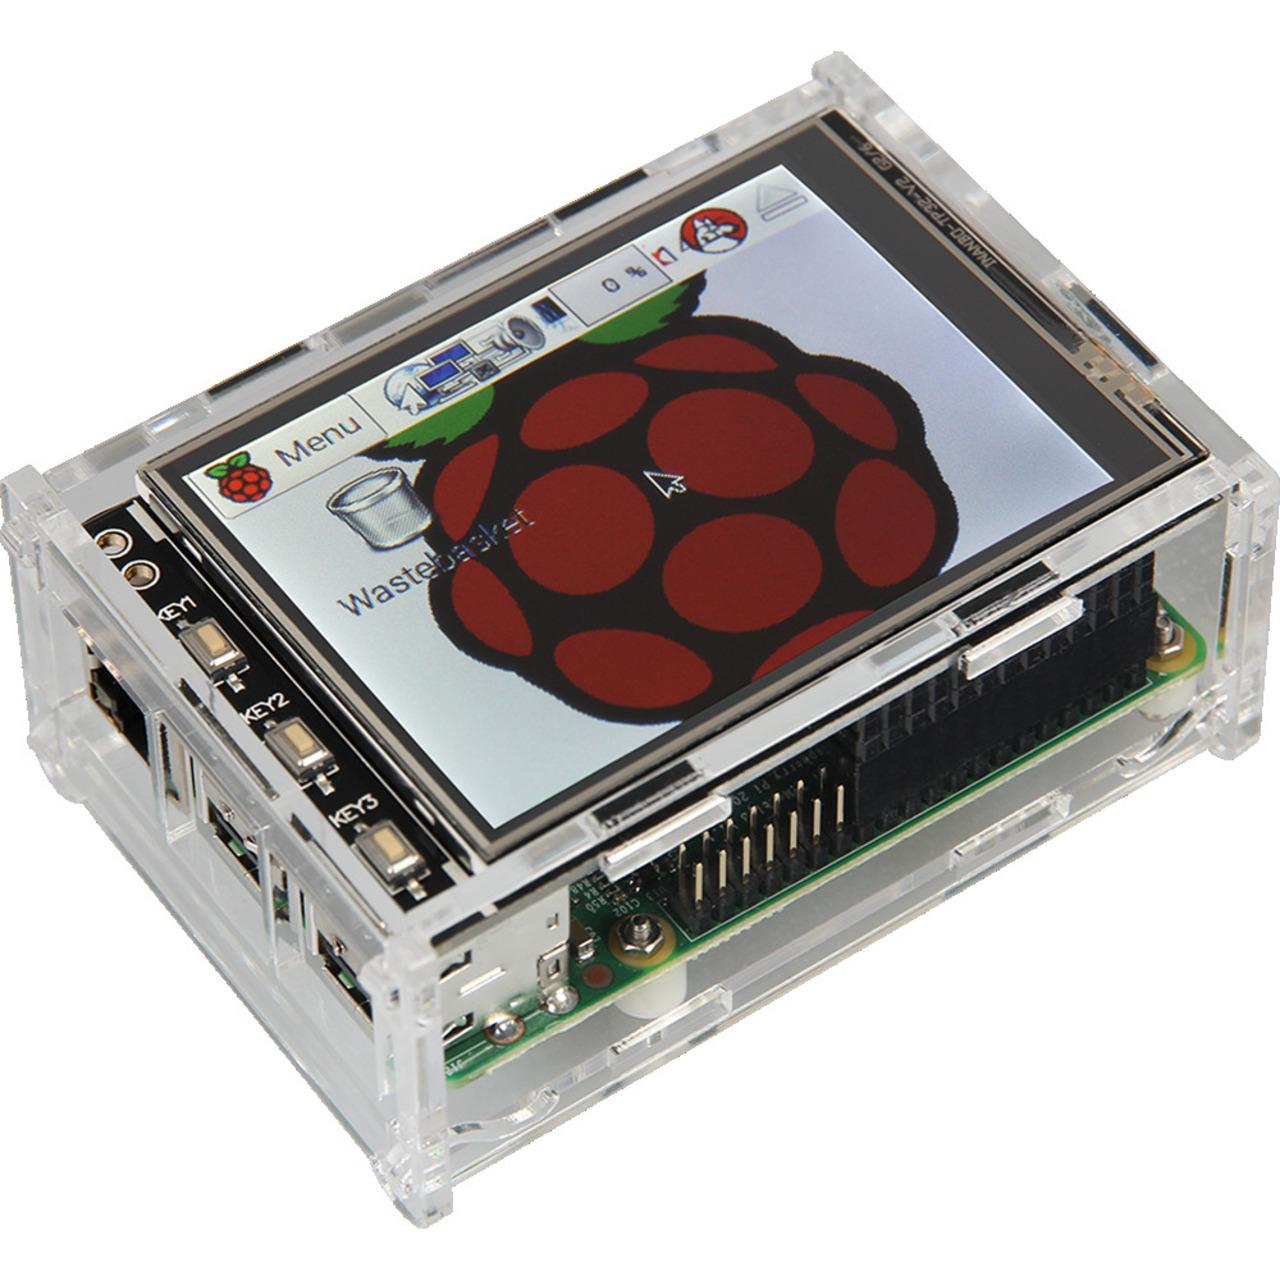 Raspberry Pi 3B+ Touch-PC- 8-9 cm (3-5undquot ) Display- komplett montiert und betriebsbereit